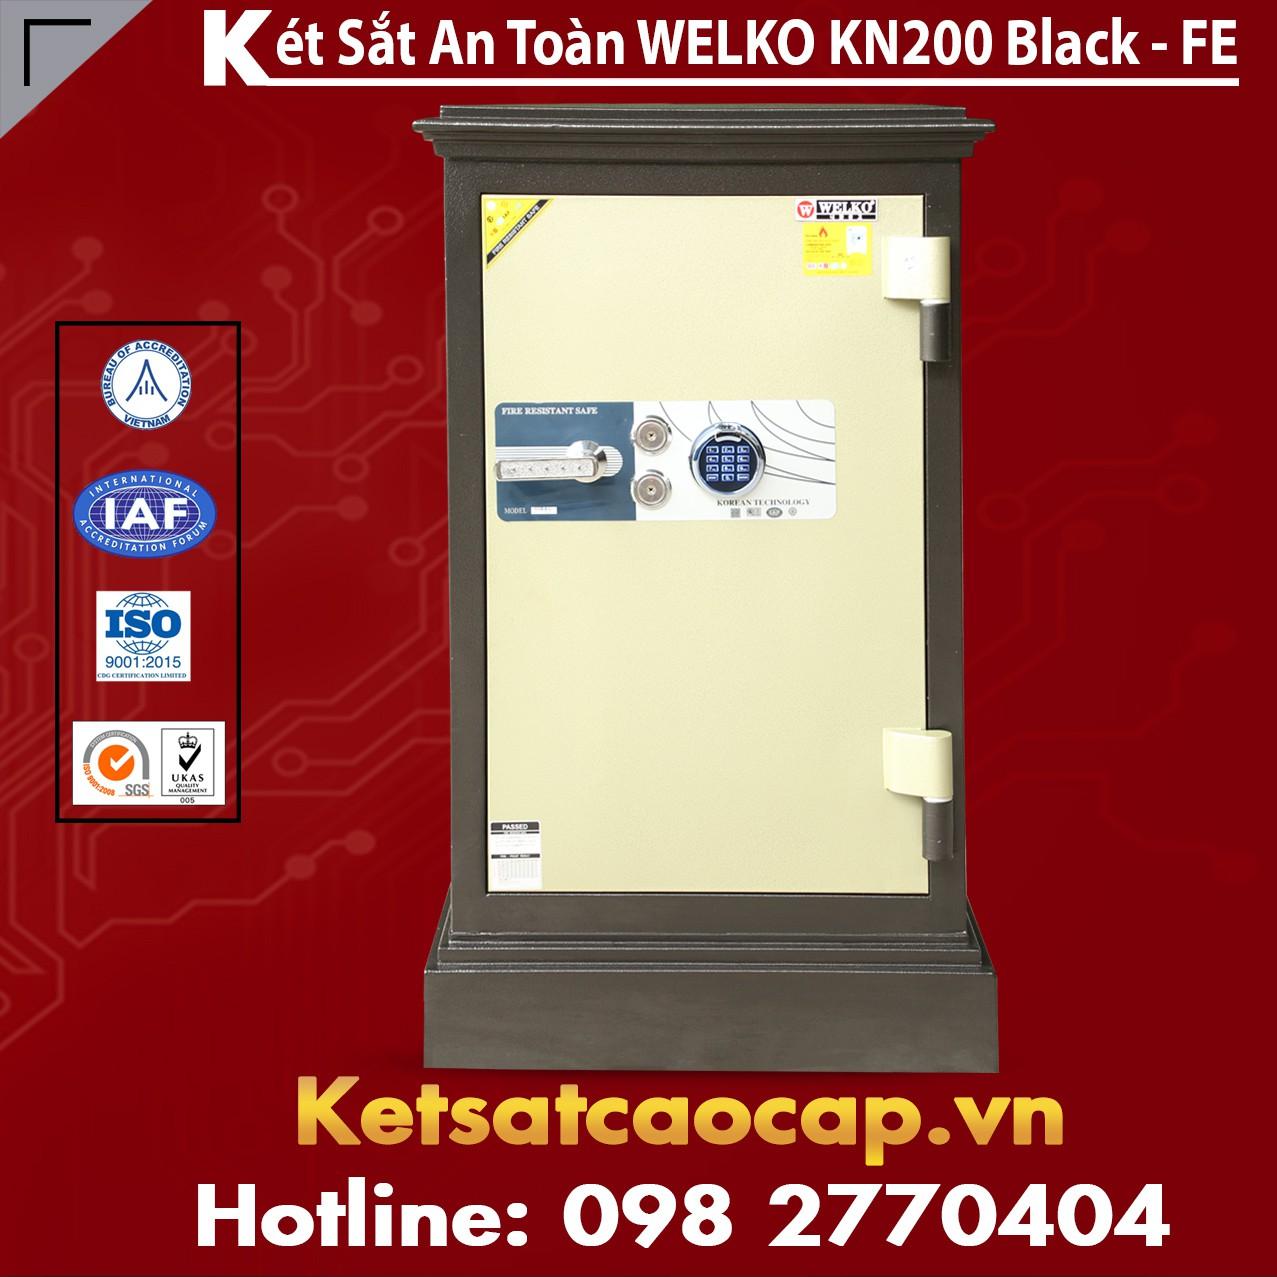 Két Sắt Nhật Bản KN200 Black - FE